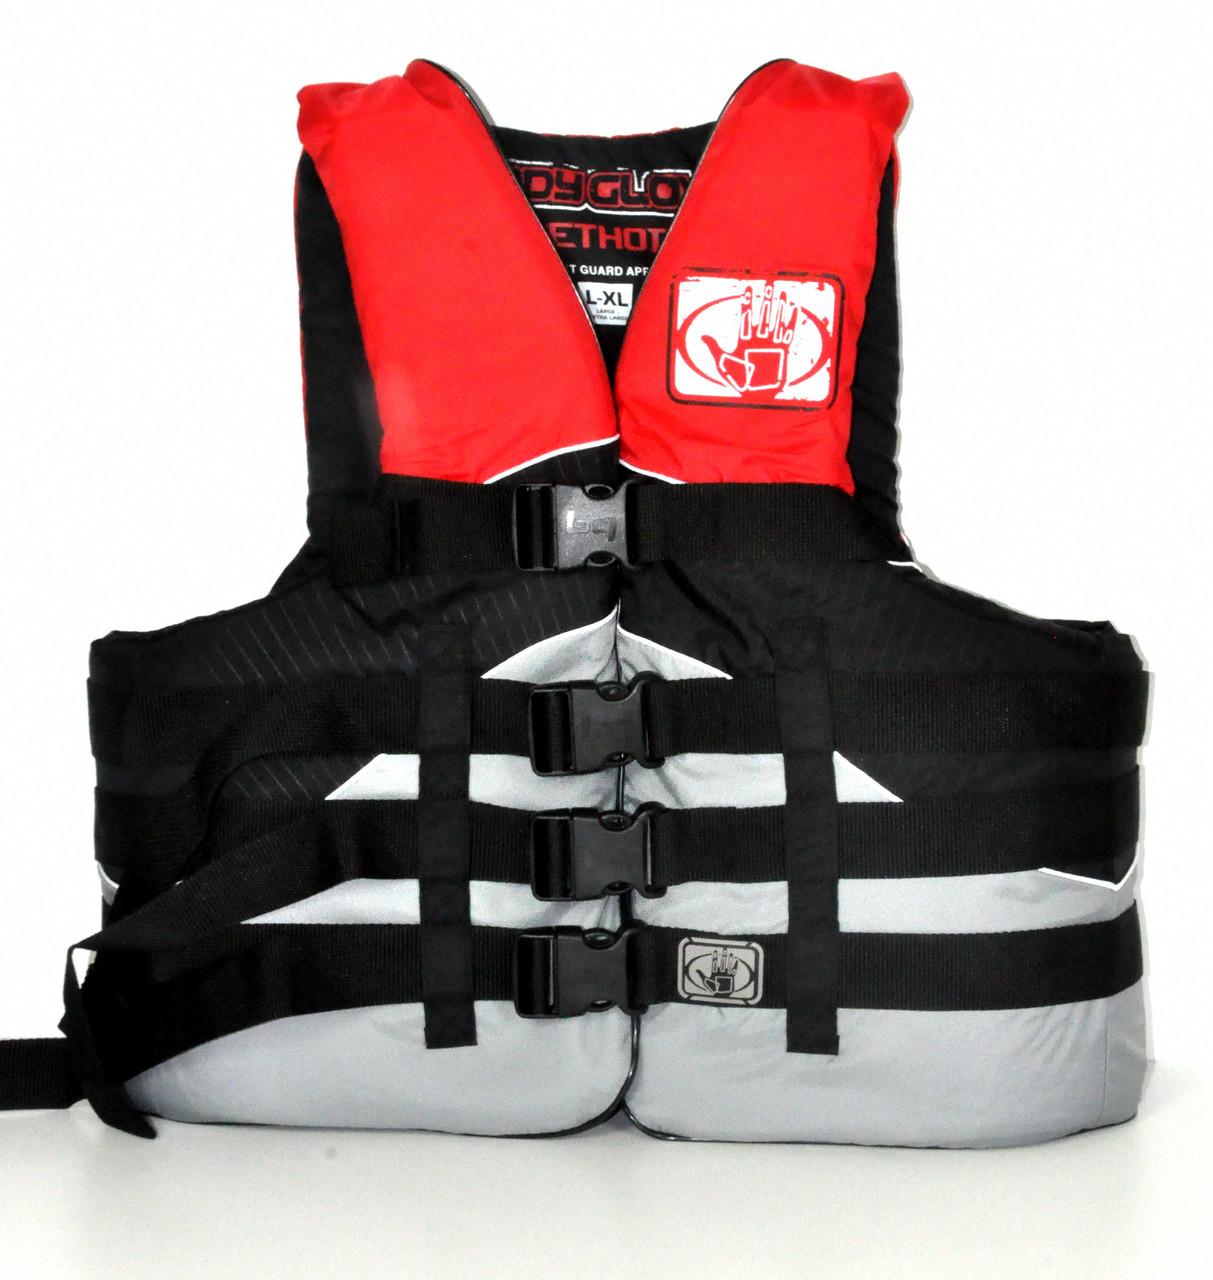 Спасательный жилет водный BodyGlove нейлон L/XL Method черно-красный для лодки, катера, яхты